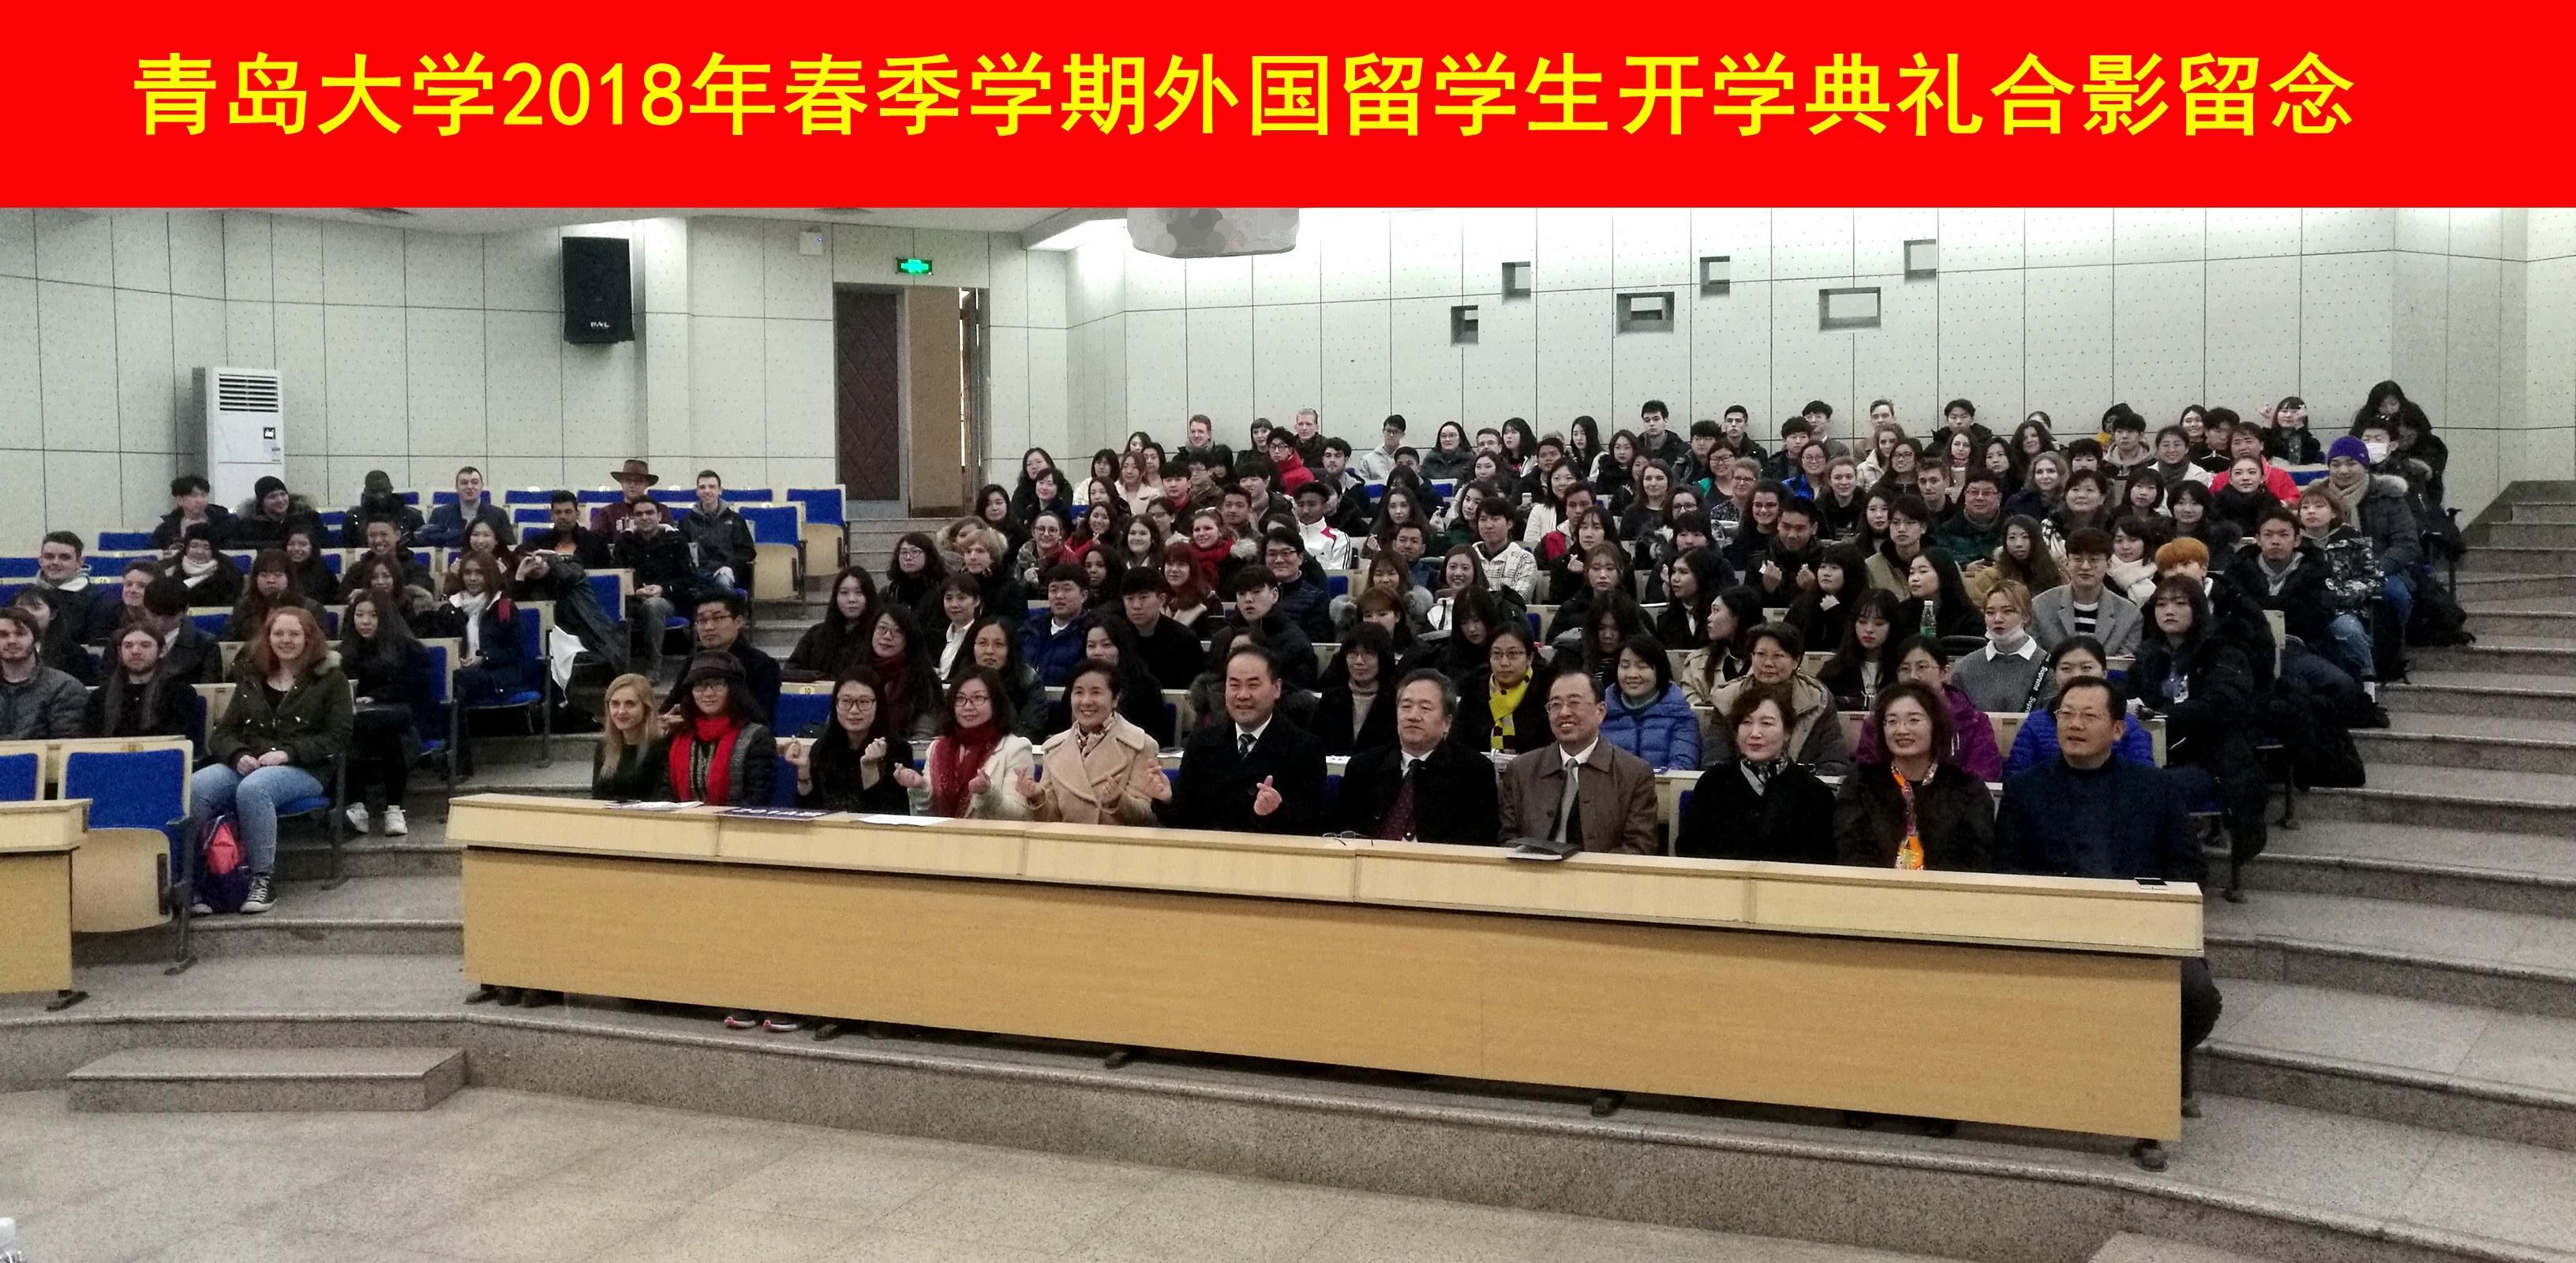 青岛大学举行2018年春季学期外国留学生开学典礼